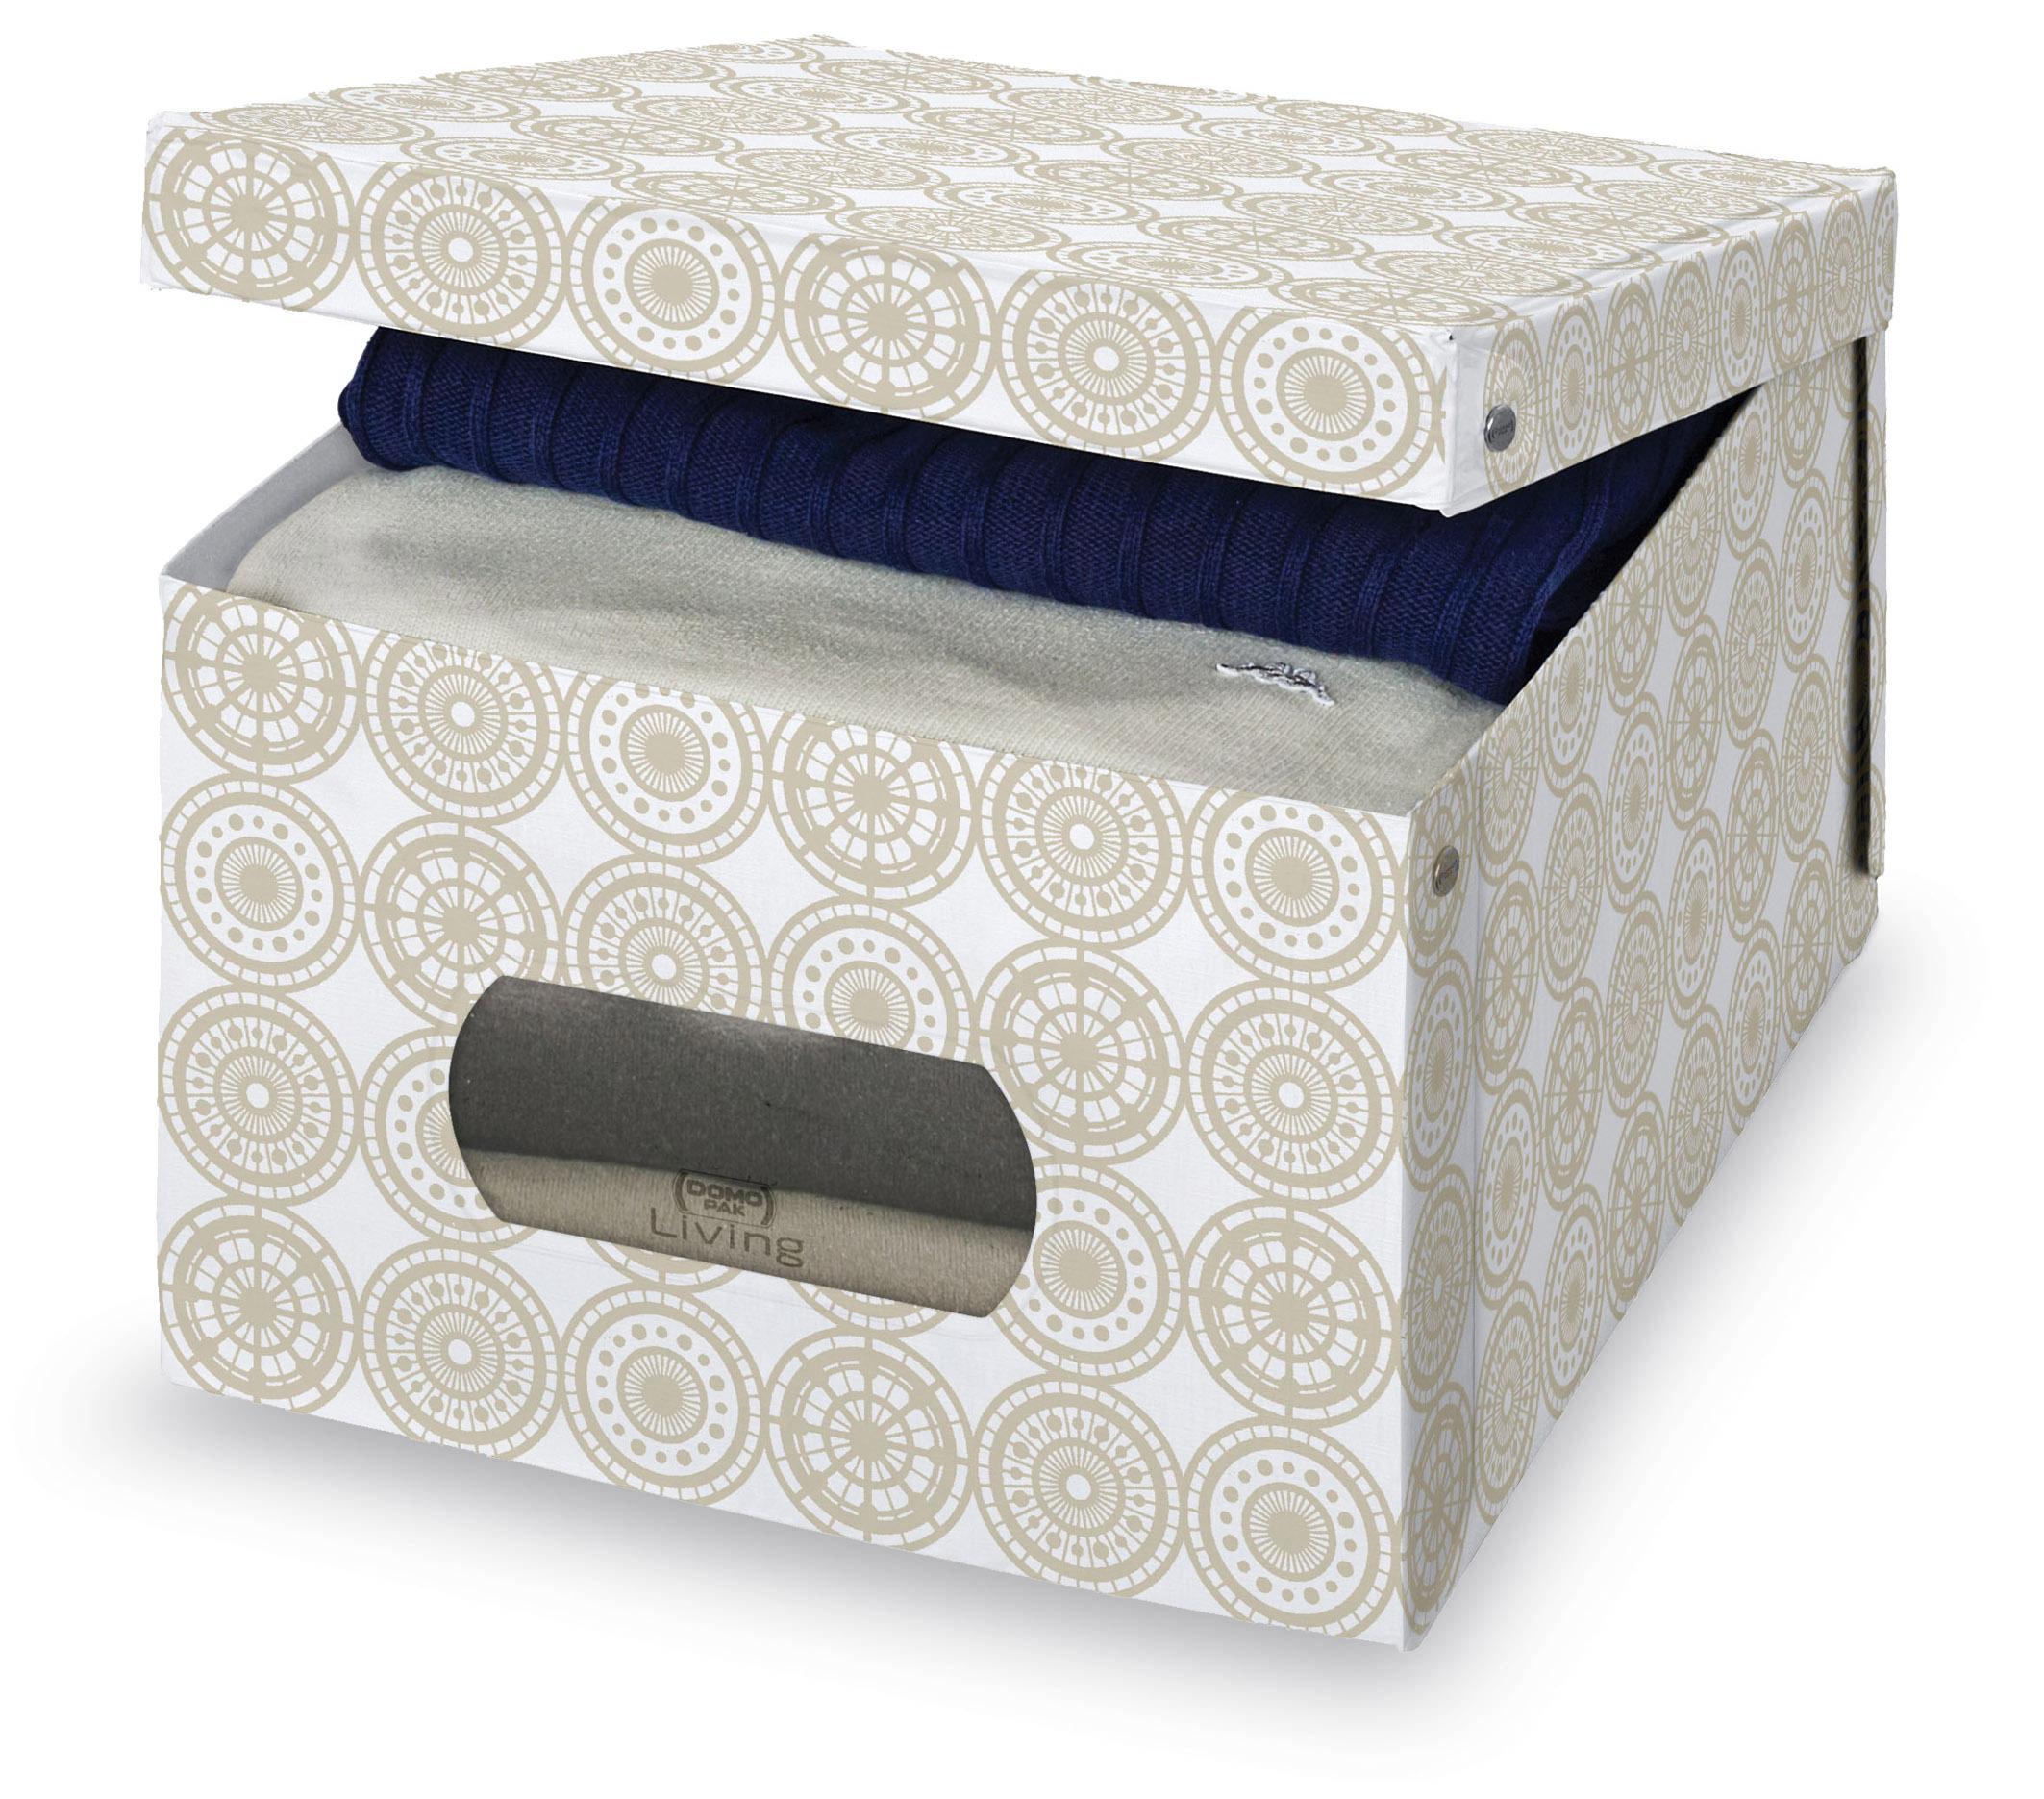 DOMOPAK Living Úložný box s oknem s ornamenty Velikost: větší